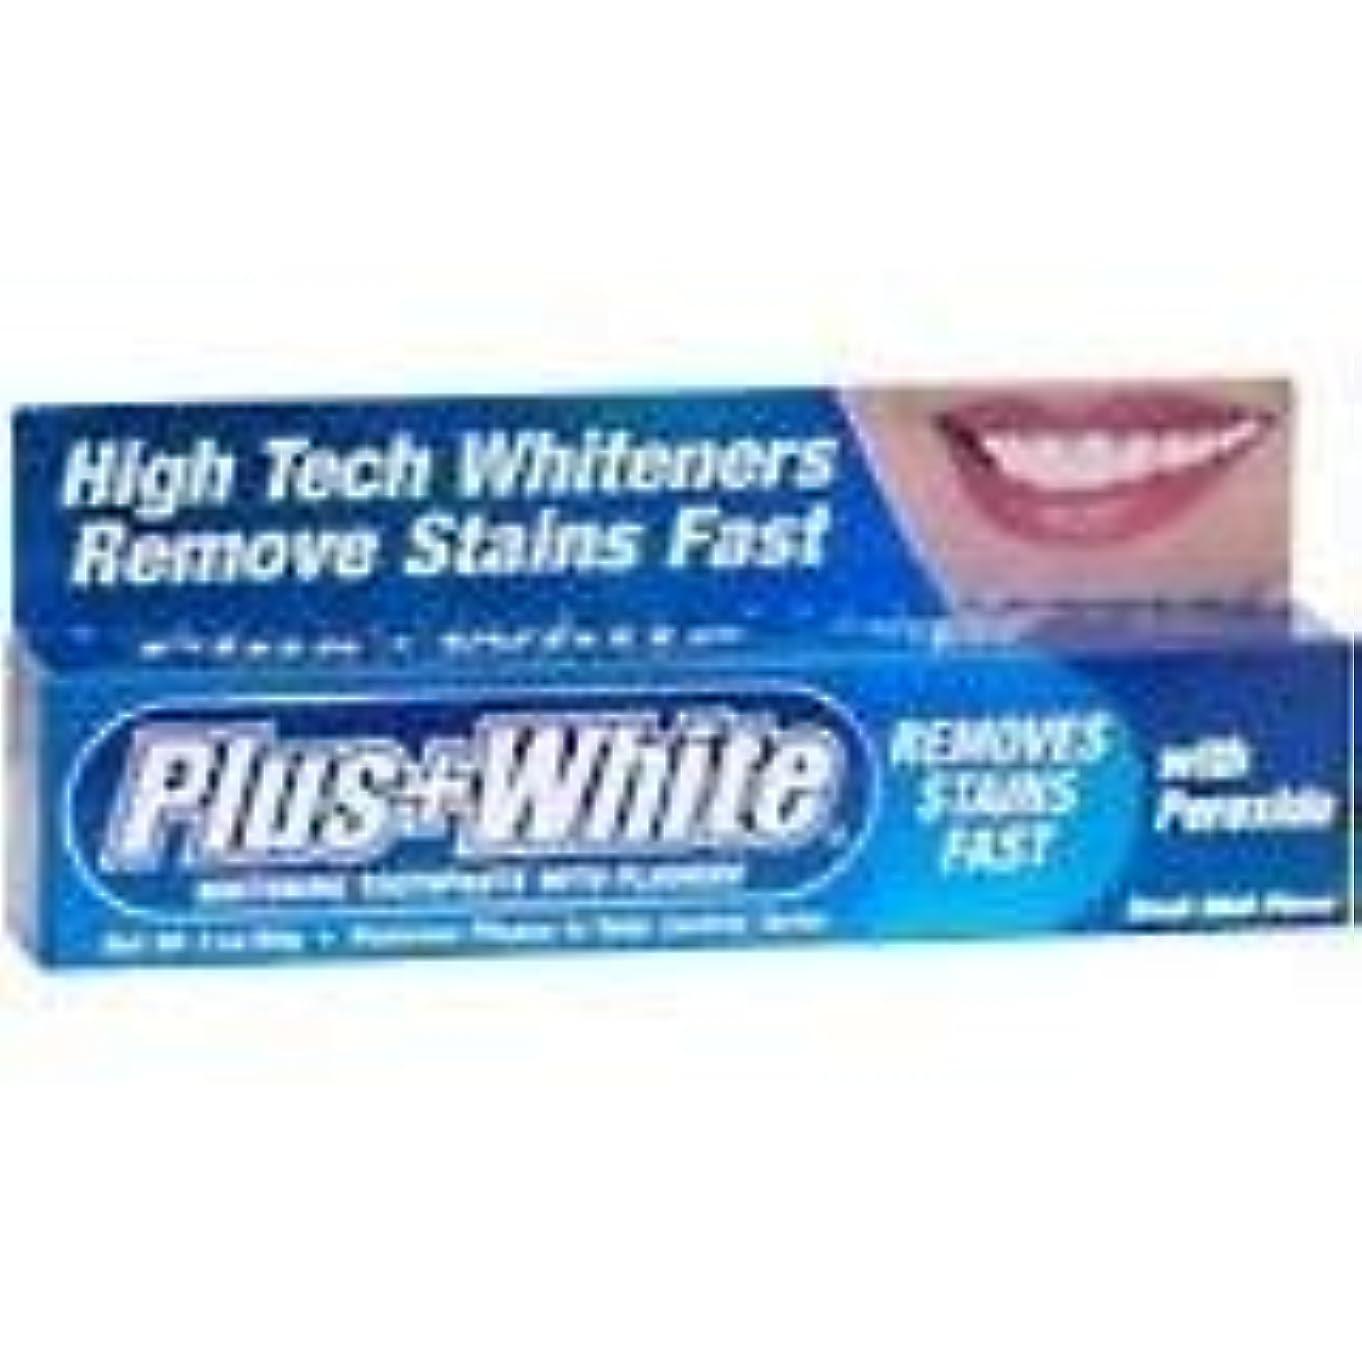 鉱石アデレードボックスPlus White 過酸化物とエクストラホワイトニング歯磨き(1パック)